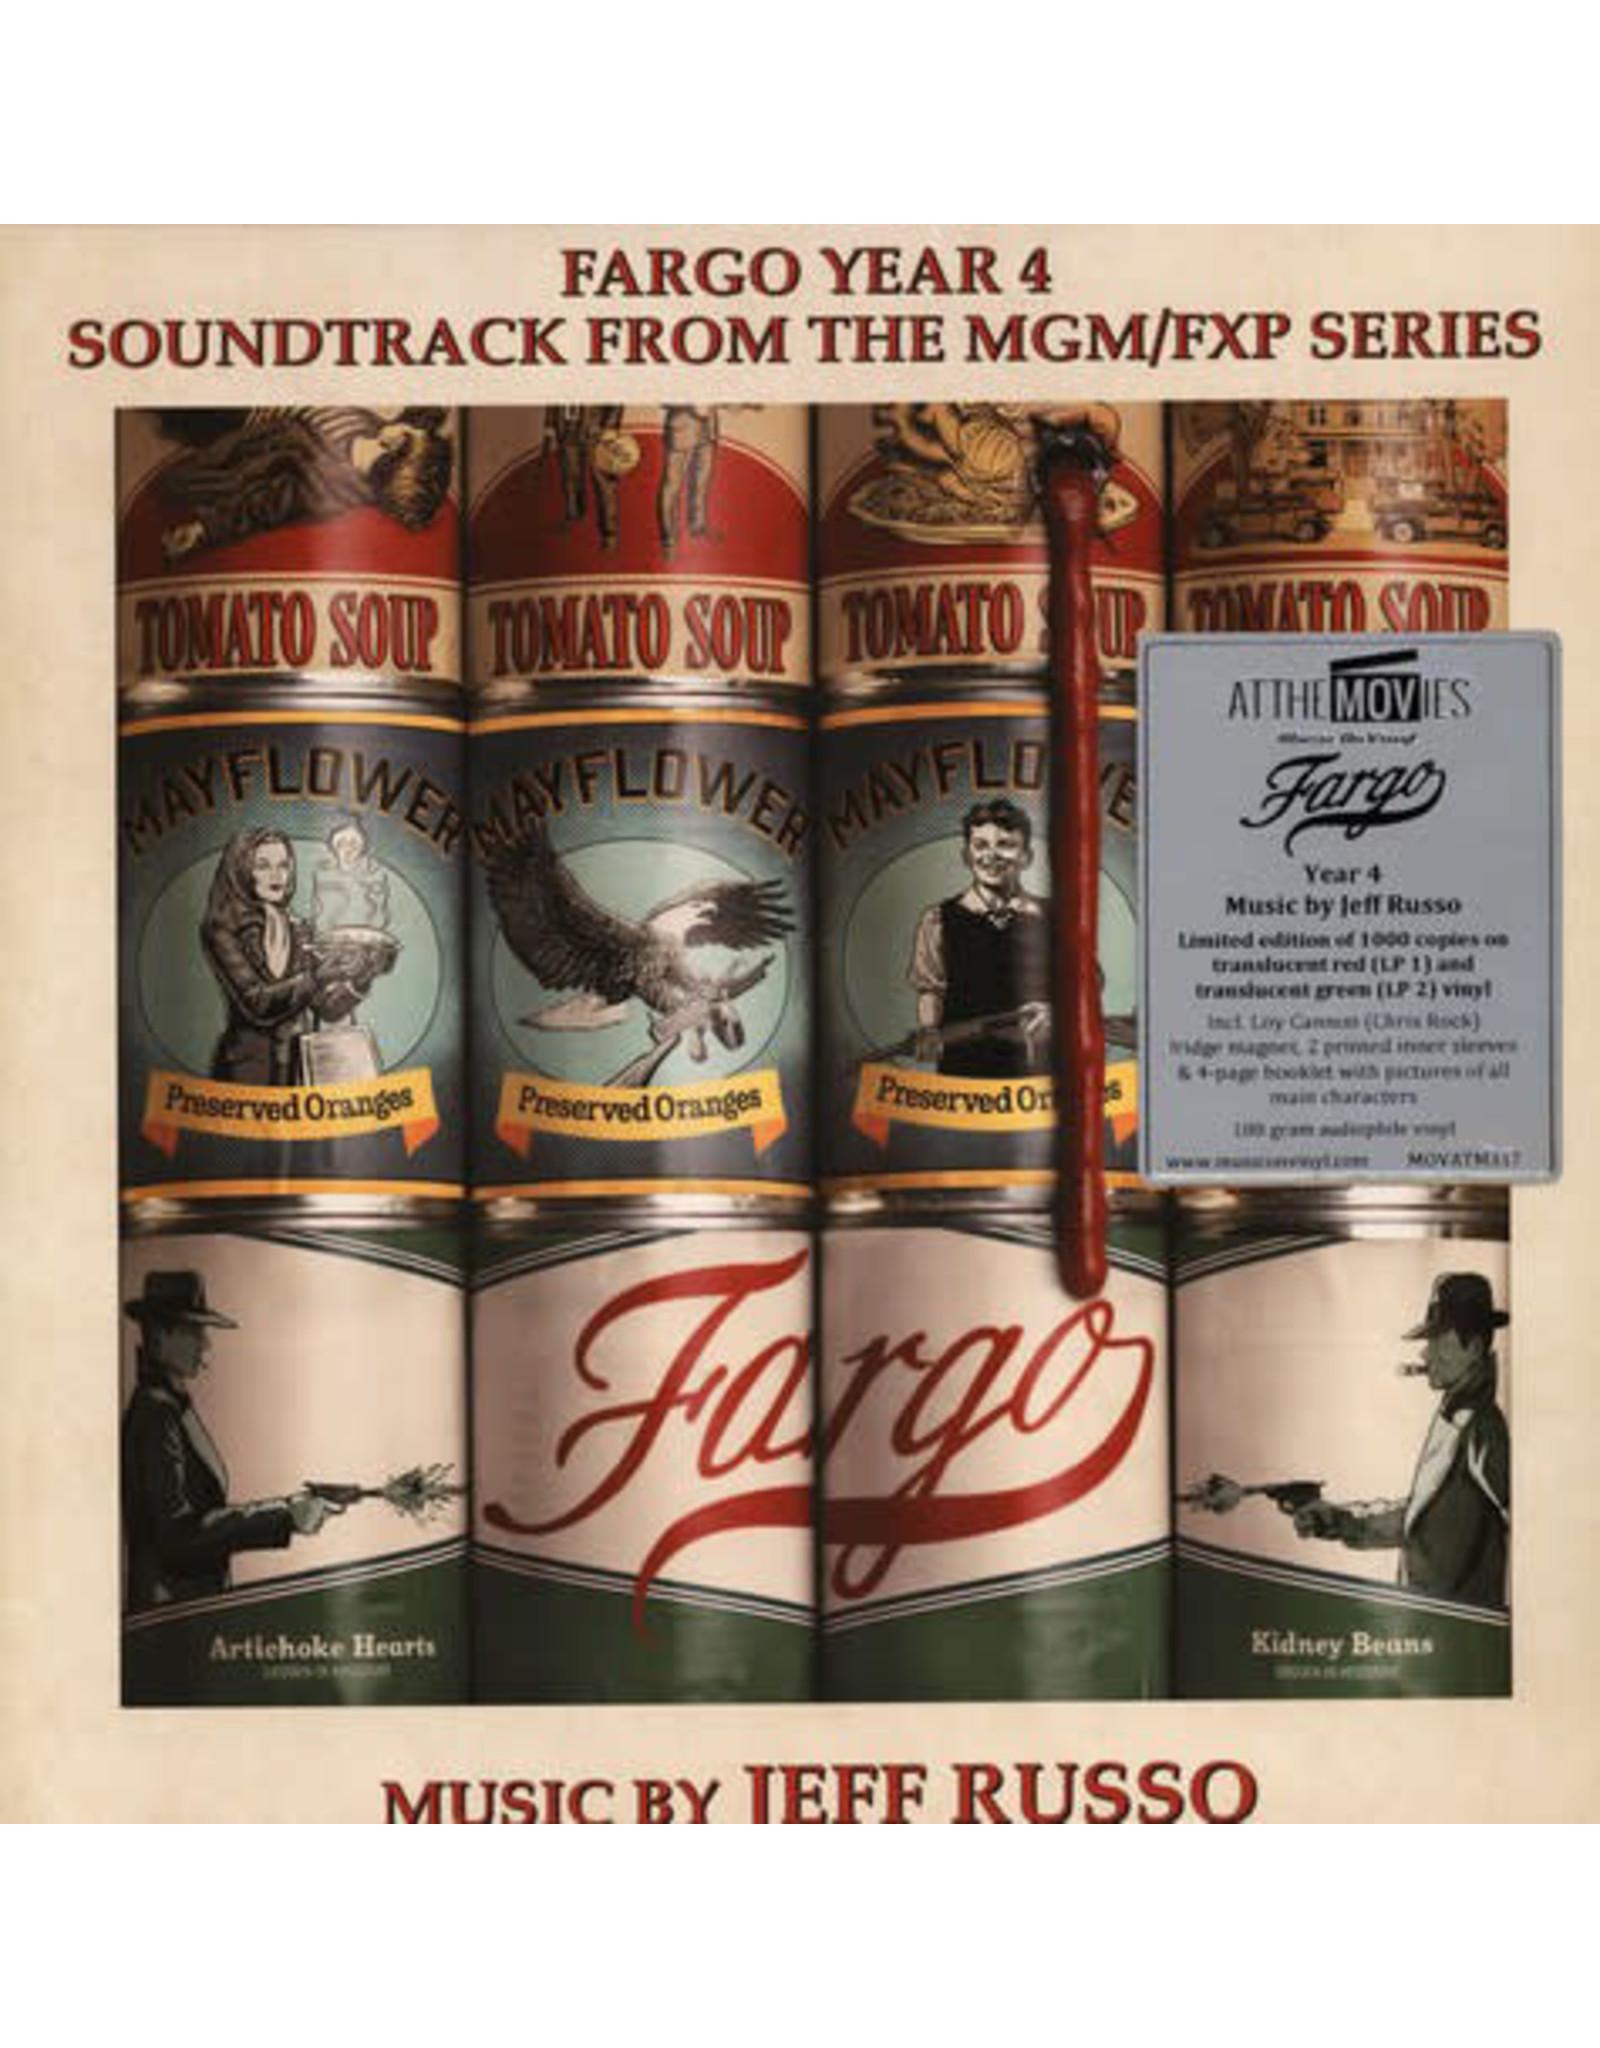 OST - Fargo Year 4  - 2 LP (Red & Green vinyl)